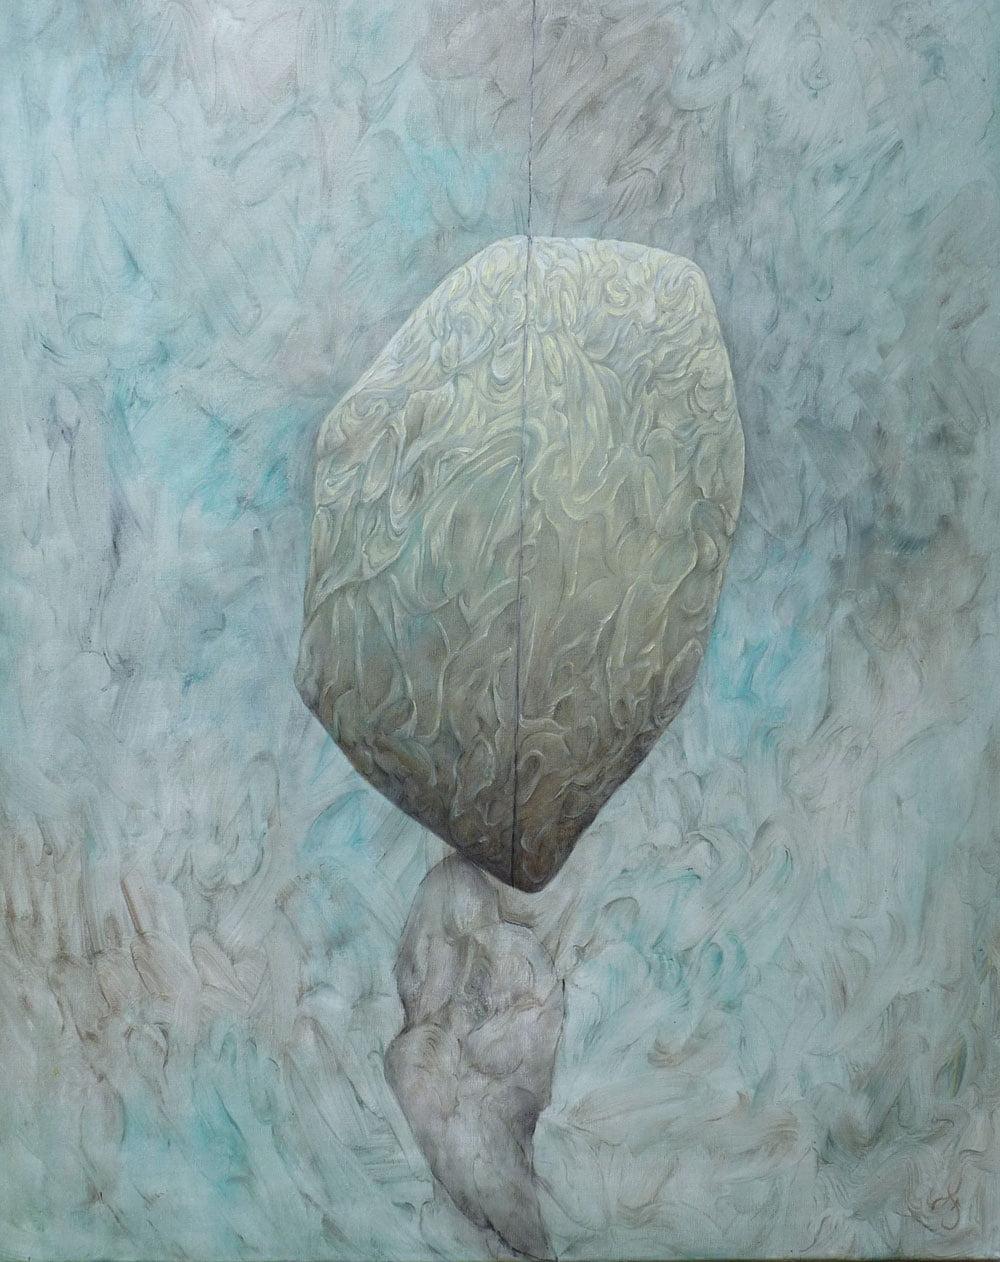 equilibre-illusoire-07-18 galerie 21